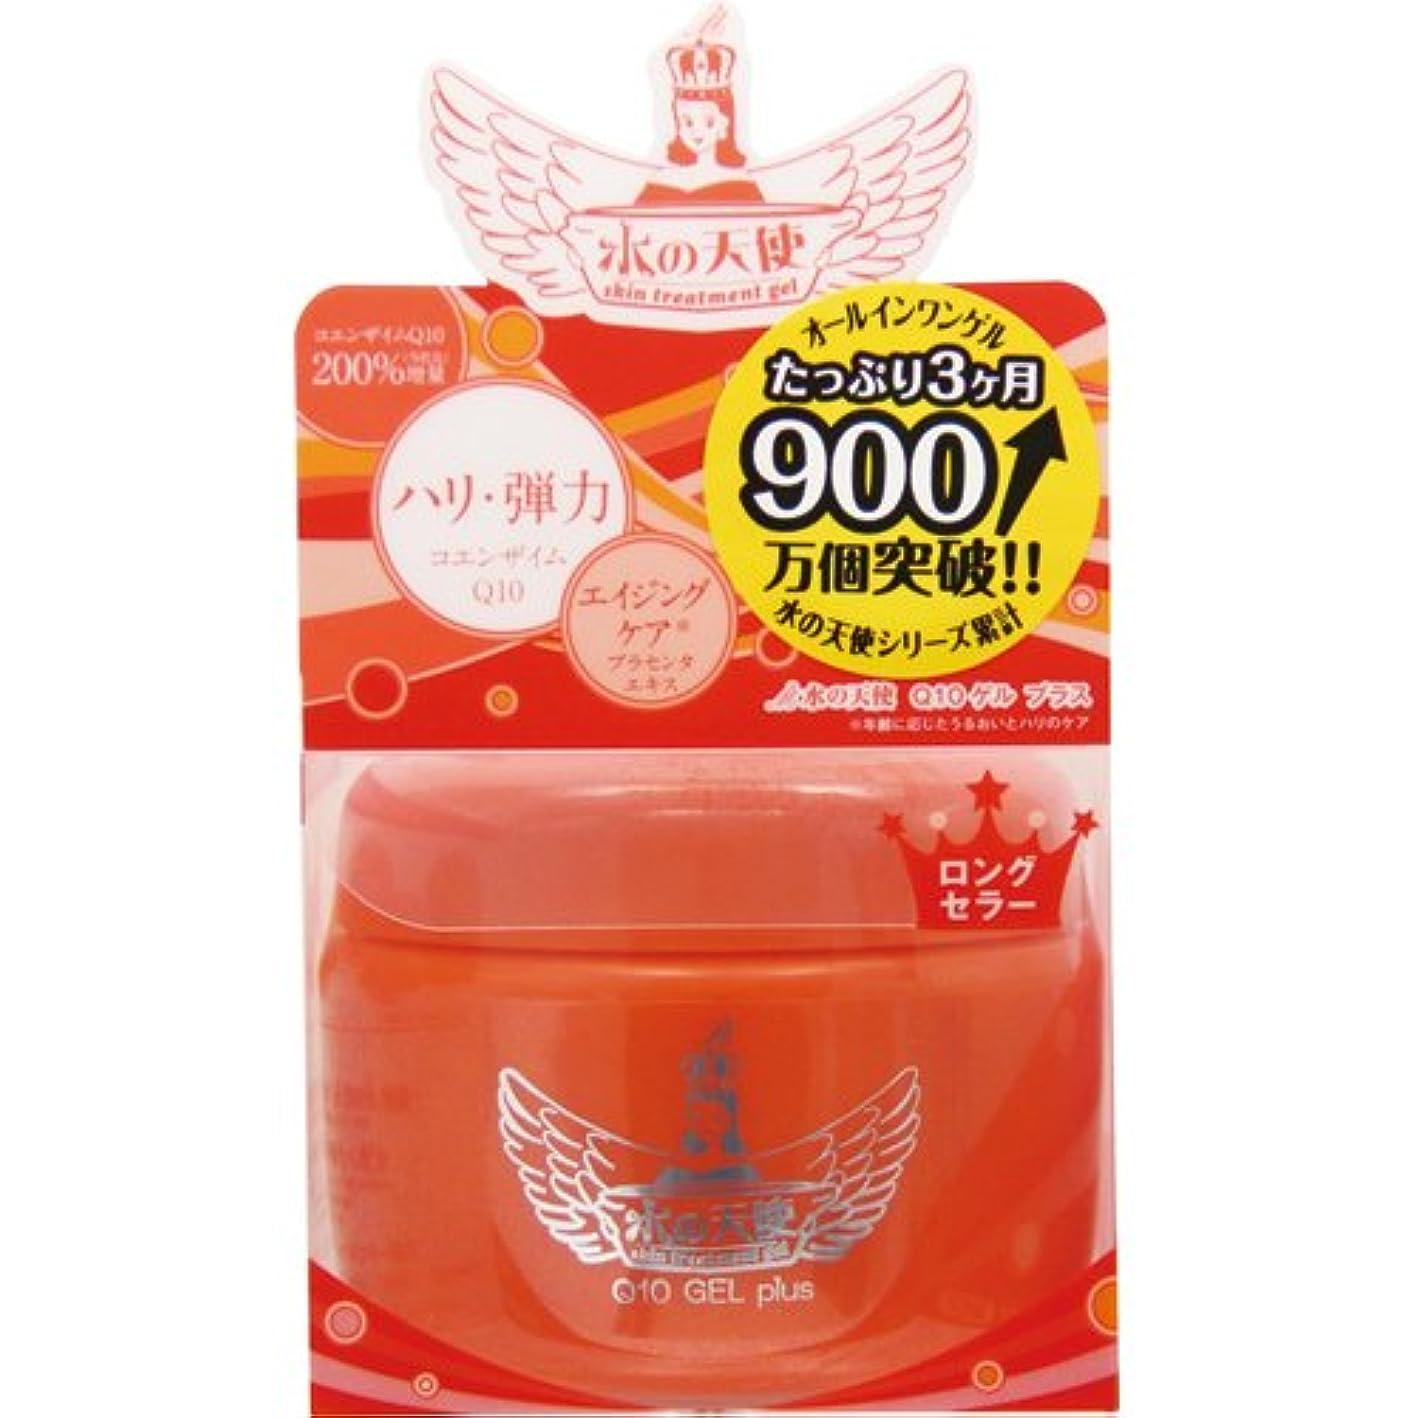 インストールオゾン共感する水の天使 Q10ゲルプラス 150g